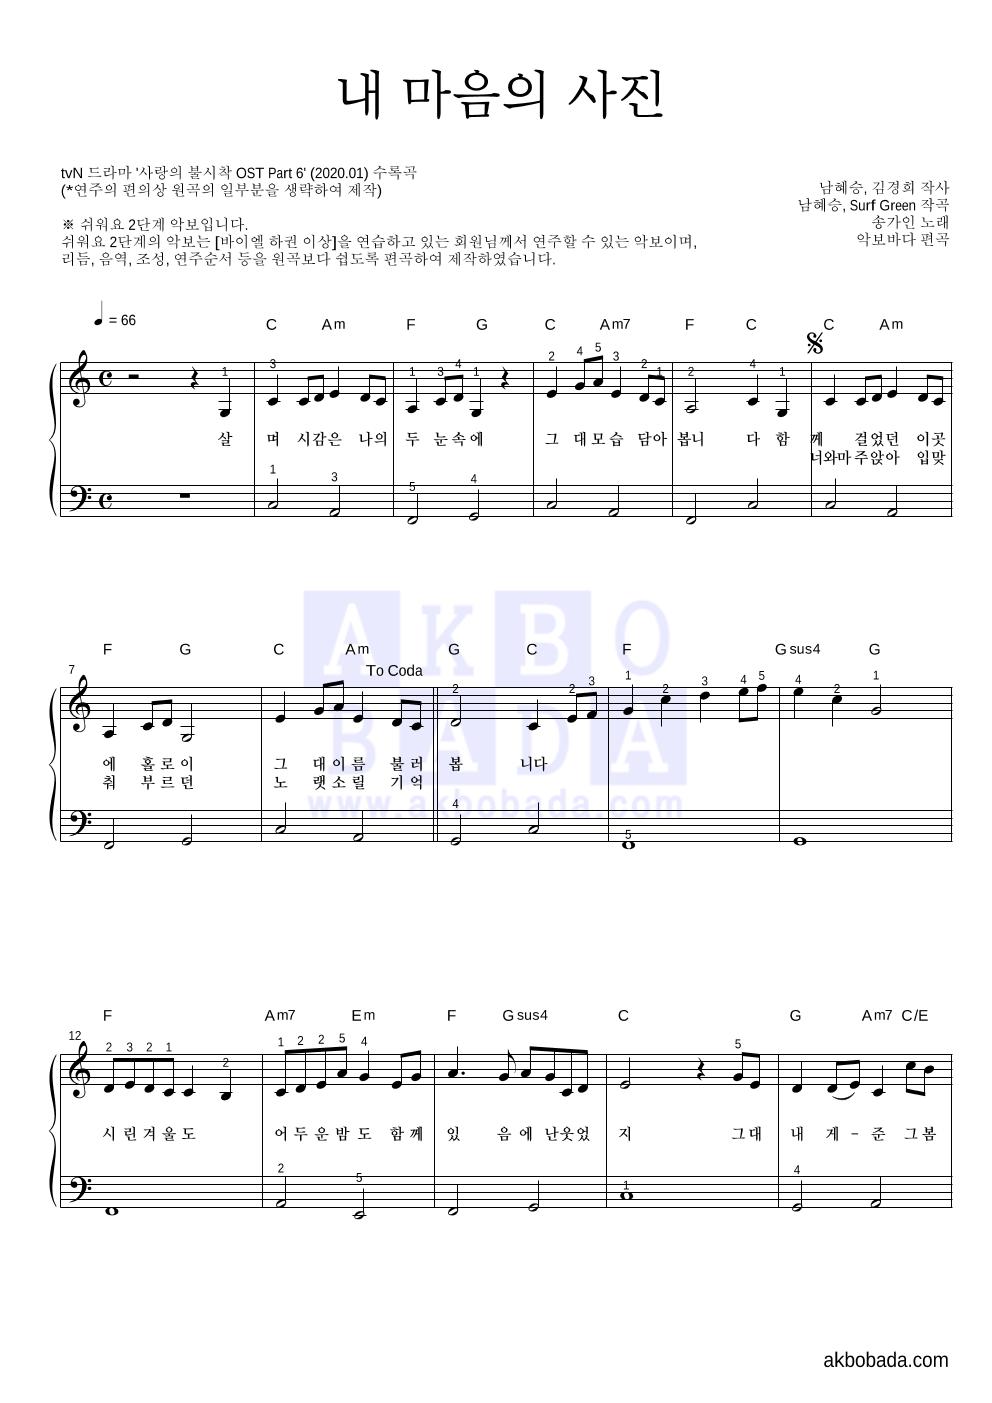 송가인 - 내 마음의 사진 피아노2단-쉬워요 악보